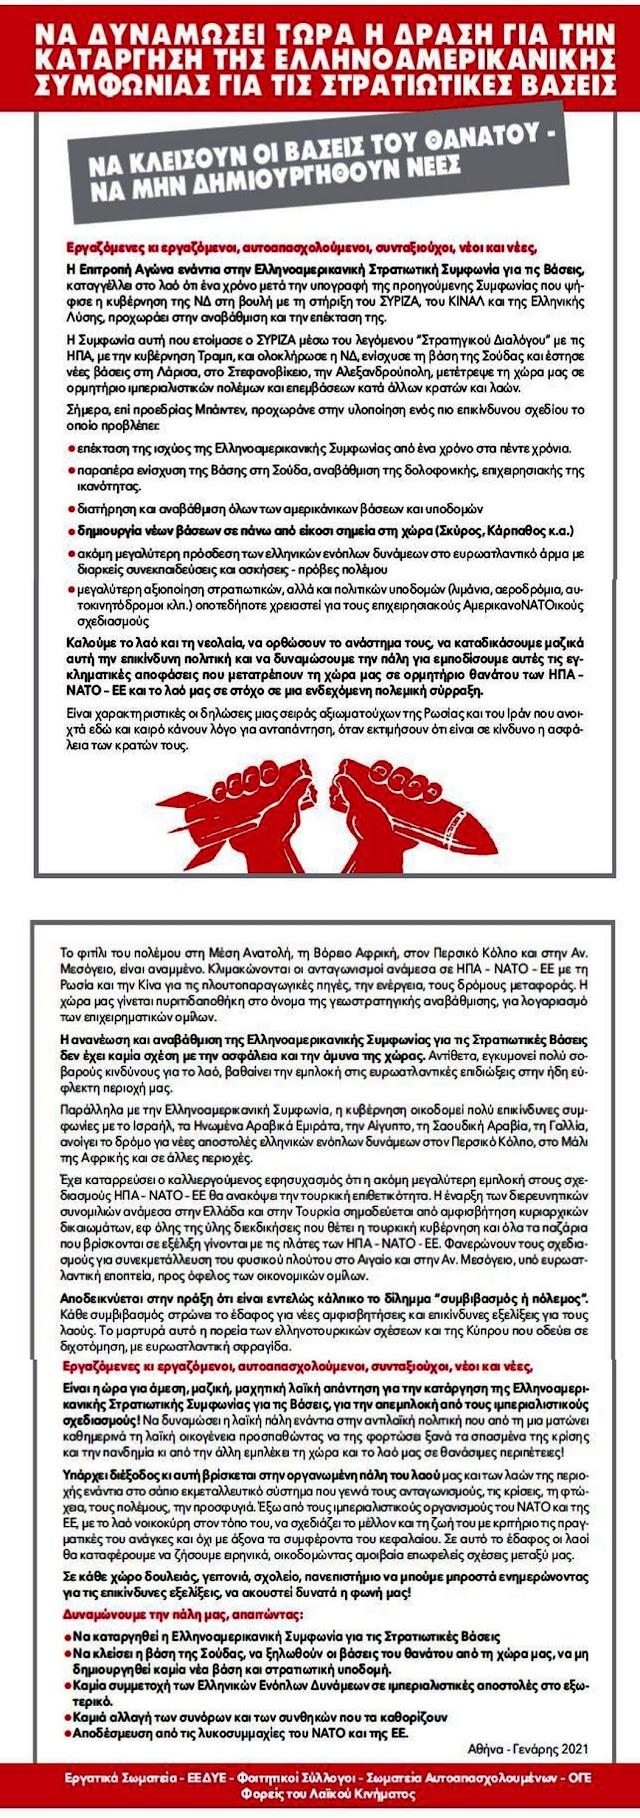 ΝΑ ΔΥΝΑΜΩΣΕΙ ΤΩΡΑ Η ΔΡΑΣΗ ΓΙΑ ΤΗΝ ΚΑΤΑΡΓΗΣΗ ΤΗΣ ΕΛΛΗΝΟΑΜΕΡΙΚΑΝΙΚΗΣ ΣΥΜΦΩΝΙΑΣ ΓΙΑ ΤΙΣ ΣΤΡΑΤΙΩΤΙΚΕΣ ΒΑΣΕΙΣ